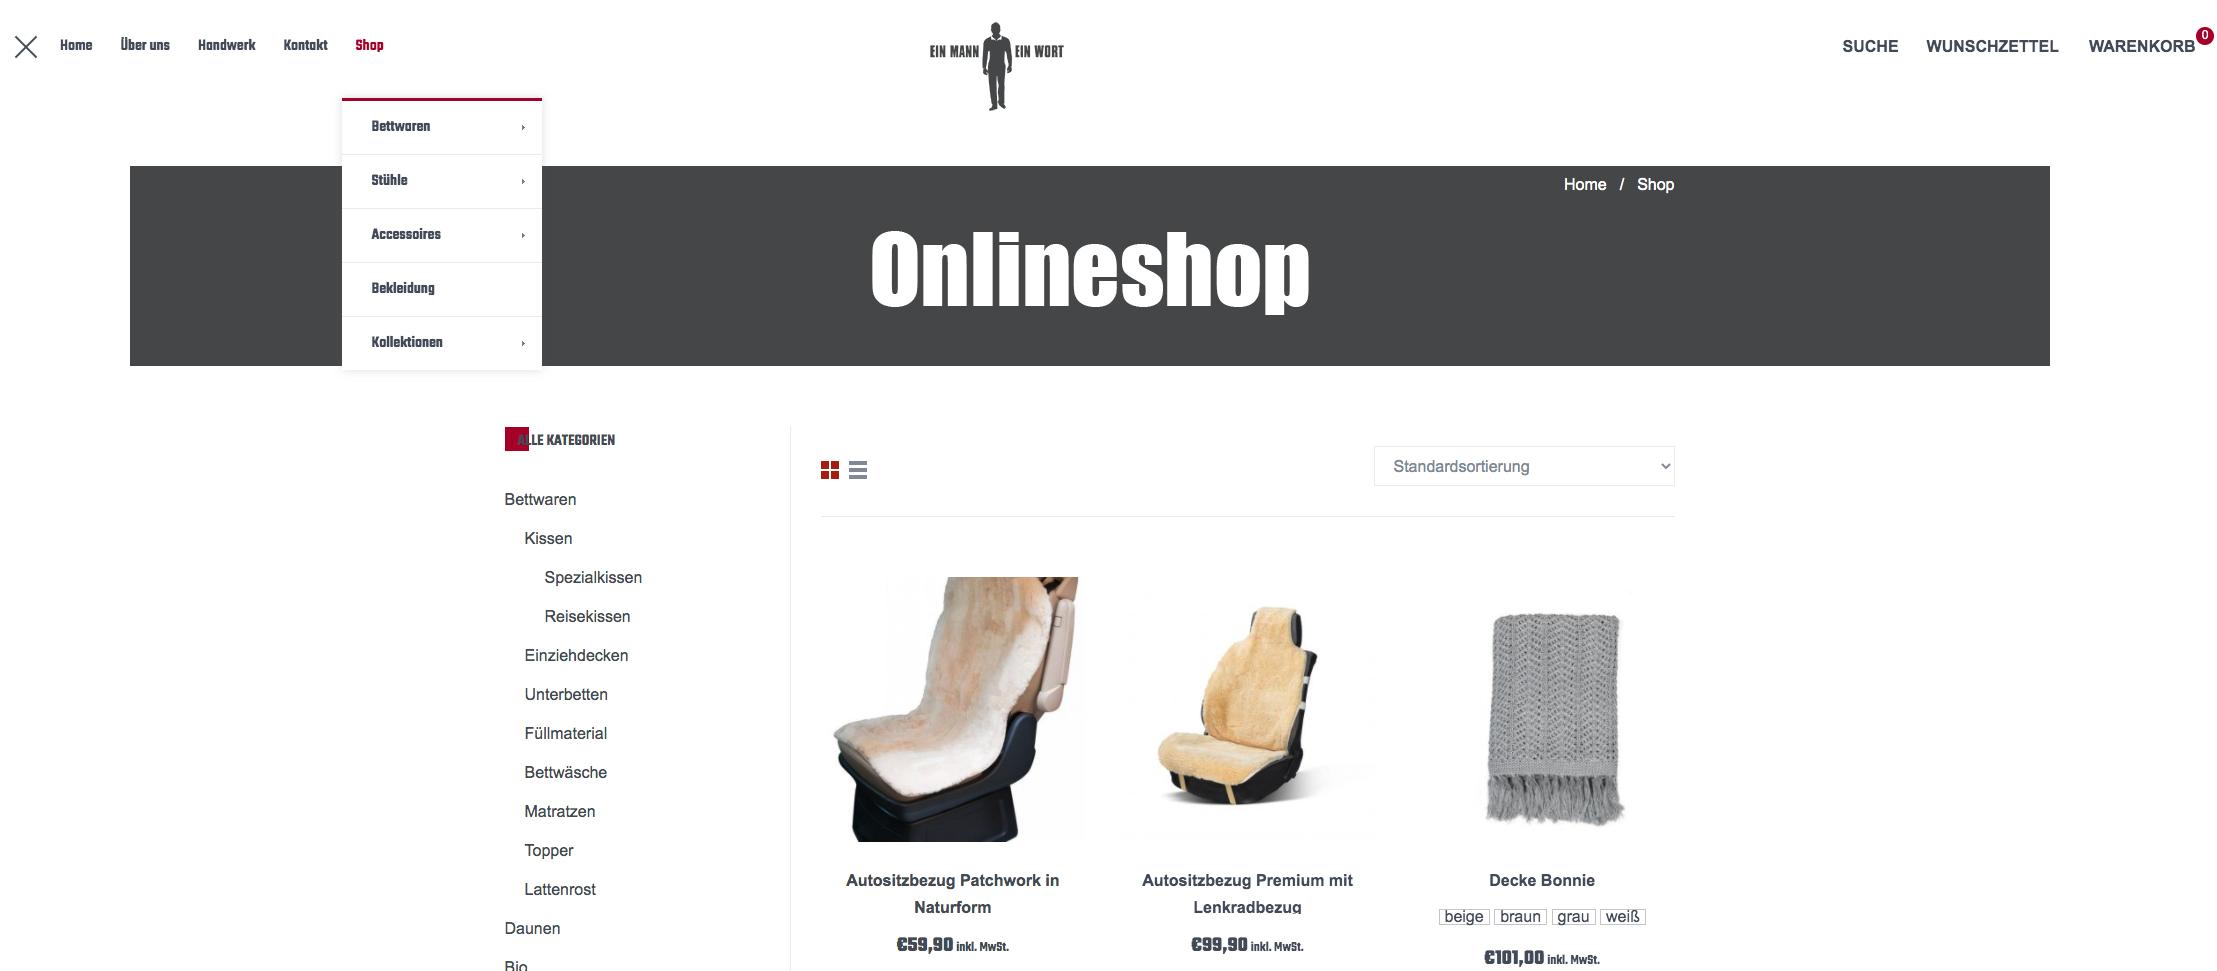 Produktübersicht im Ein Mann Ein Wort Onlineshop